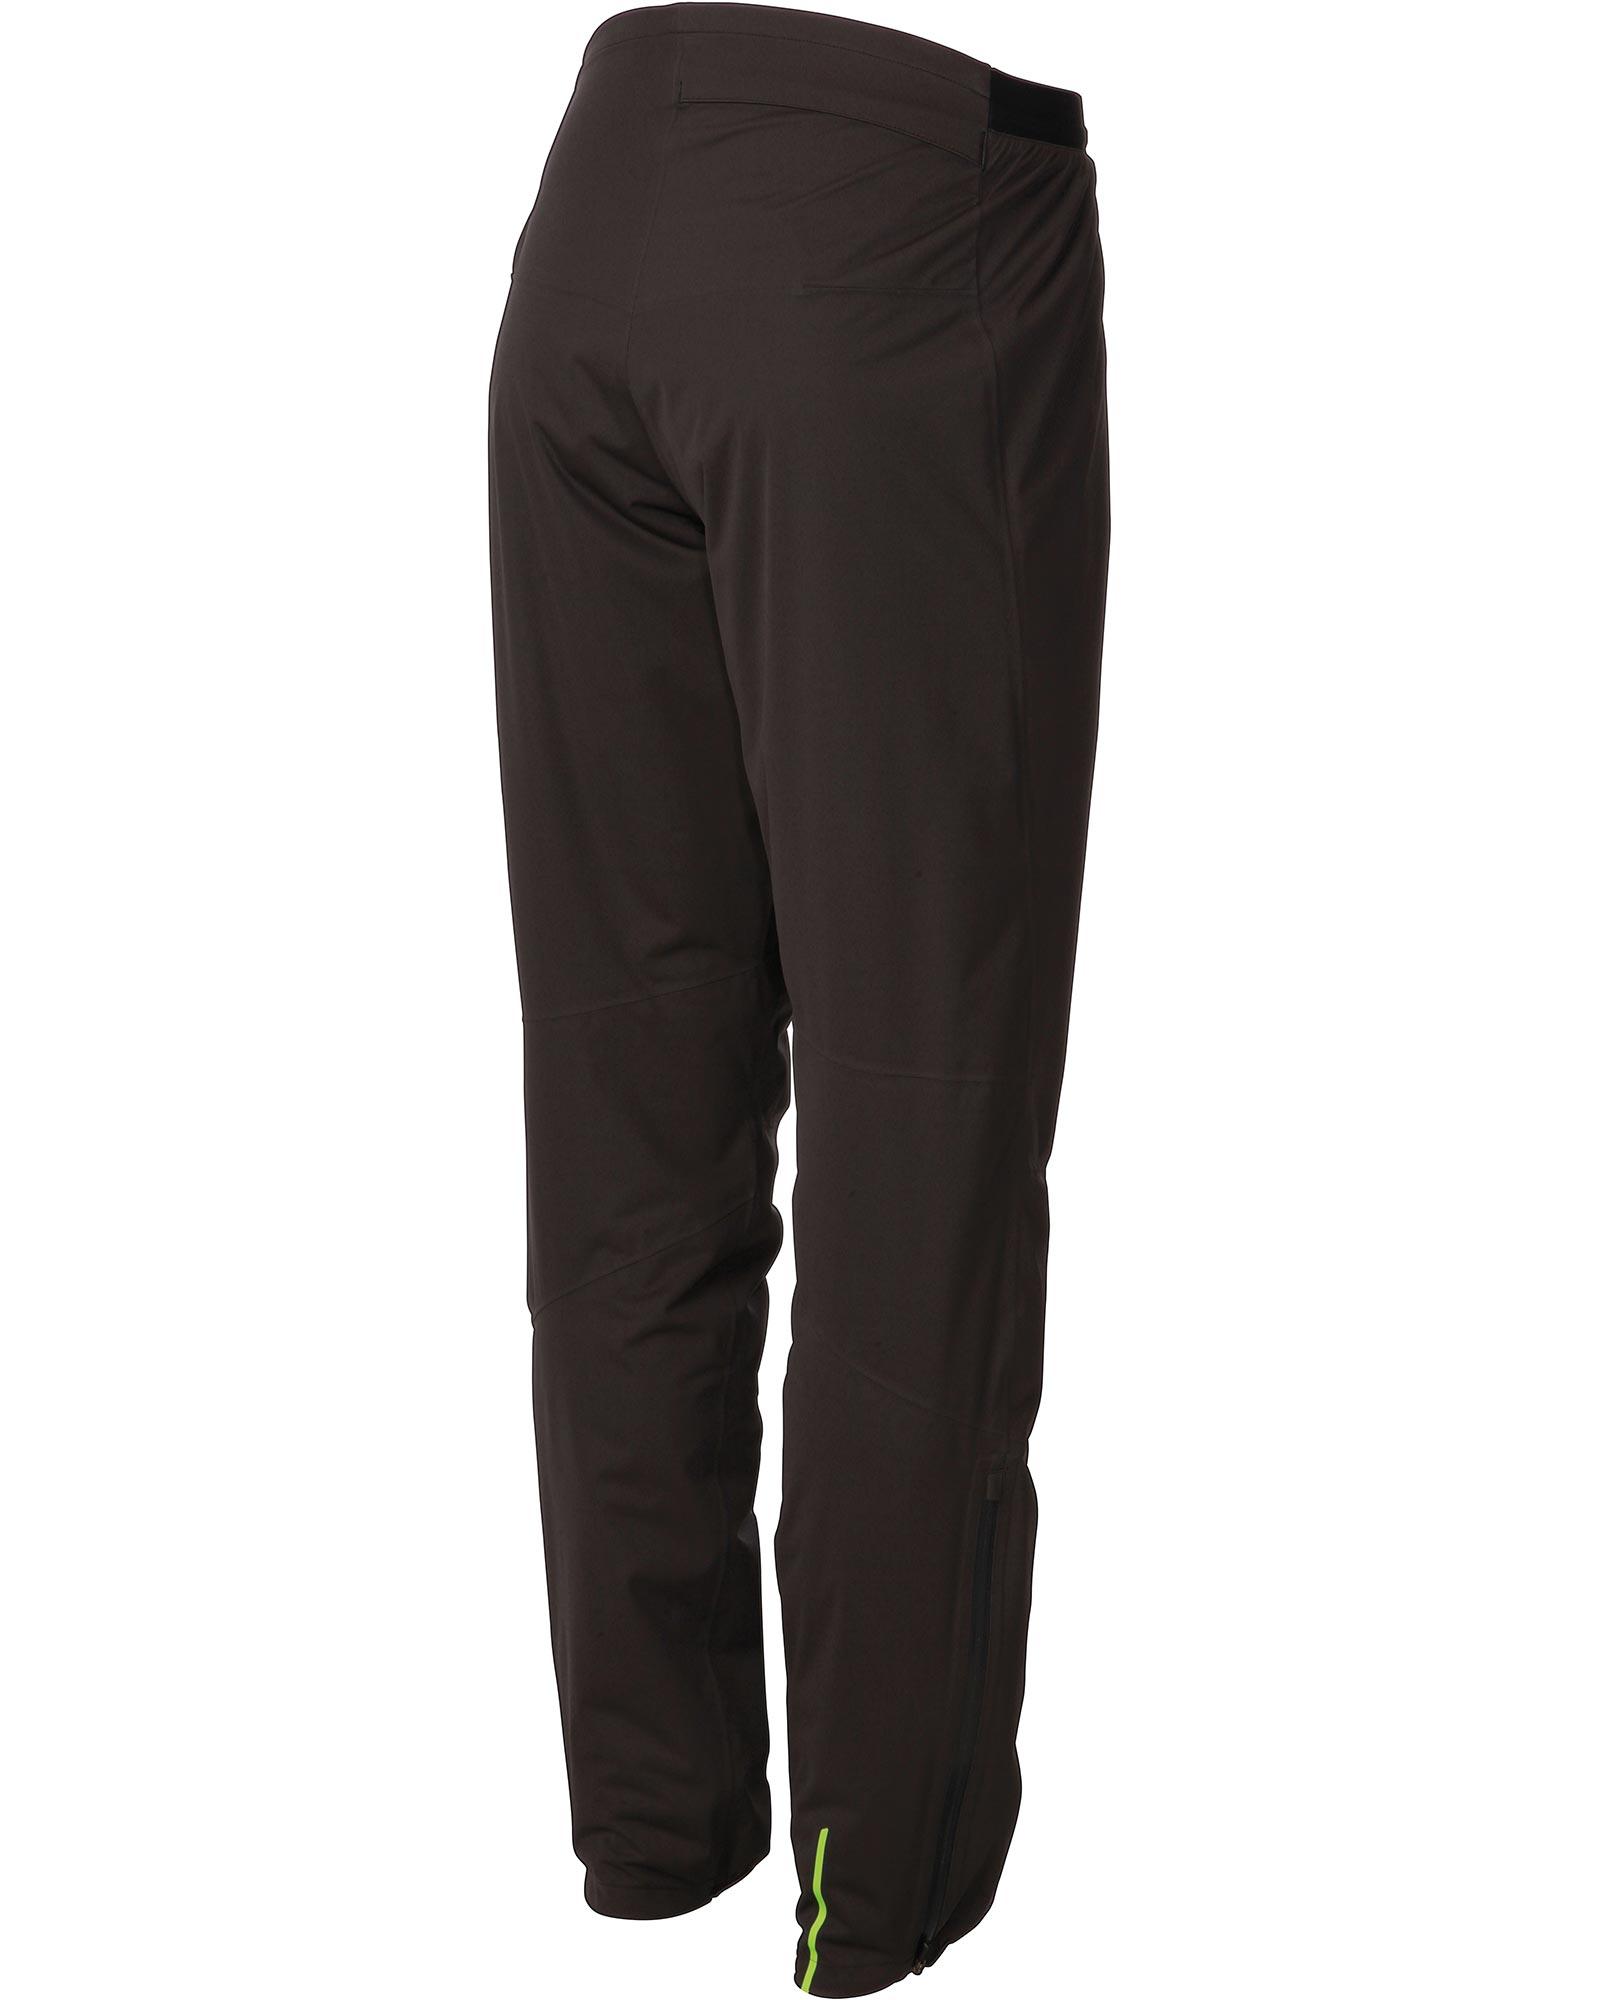 Inov-8 Men's Waterproof Trail Pants 0